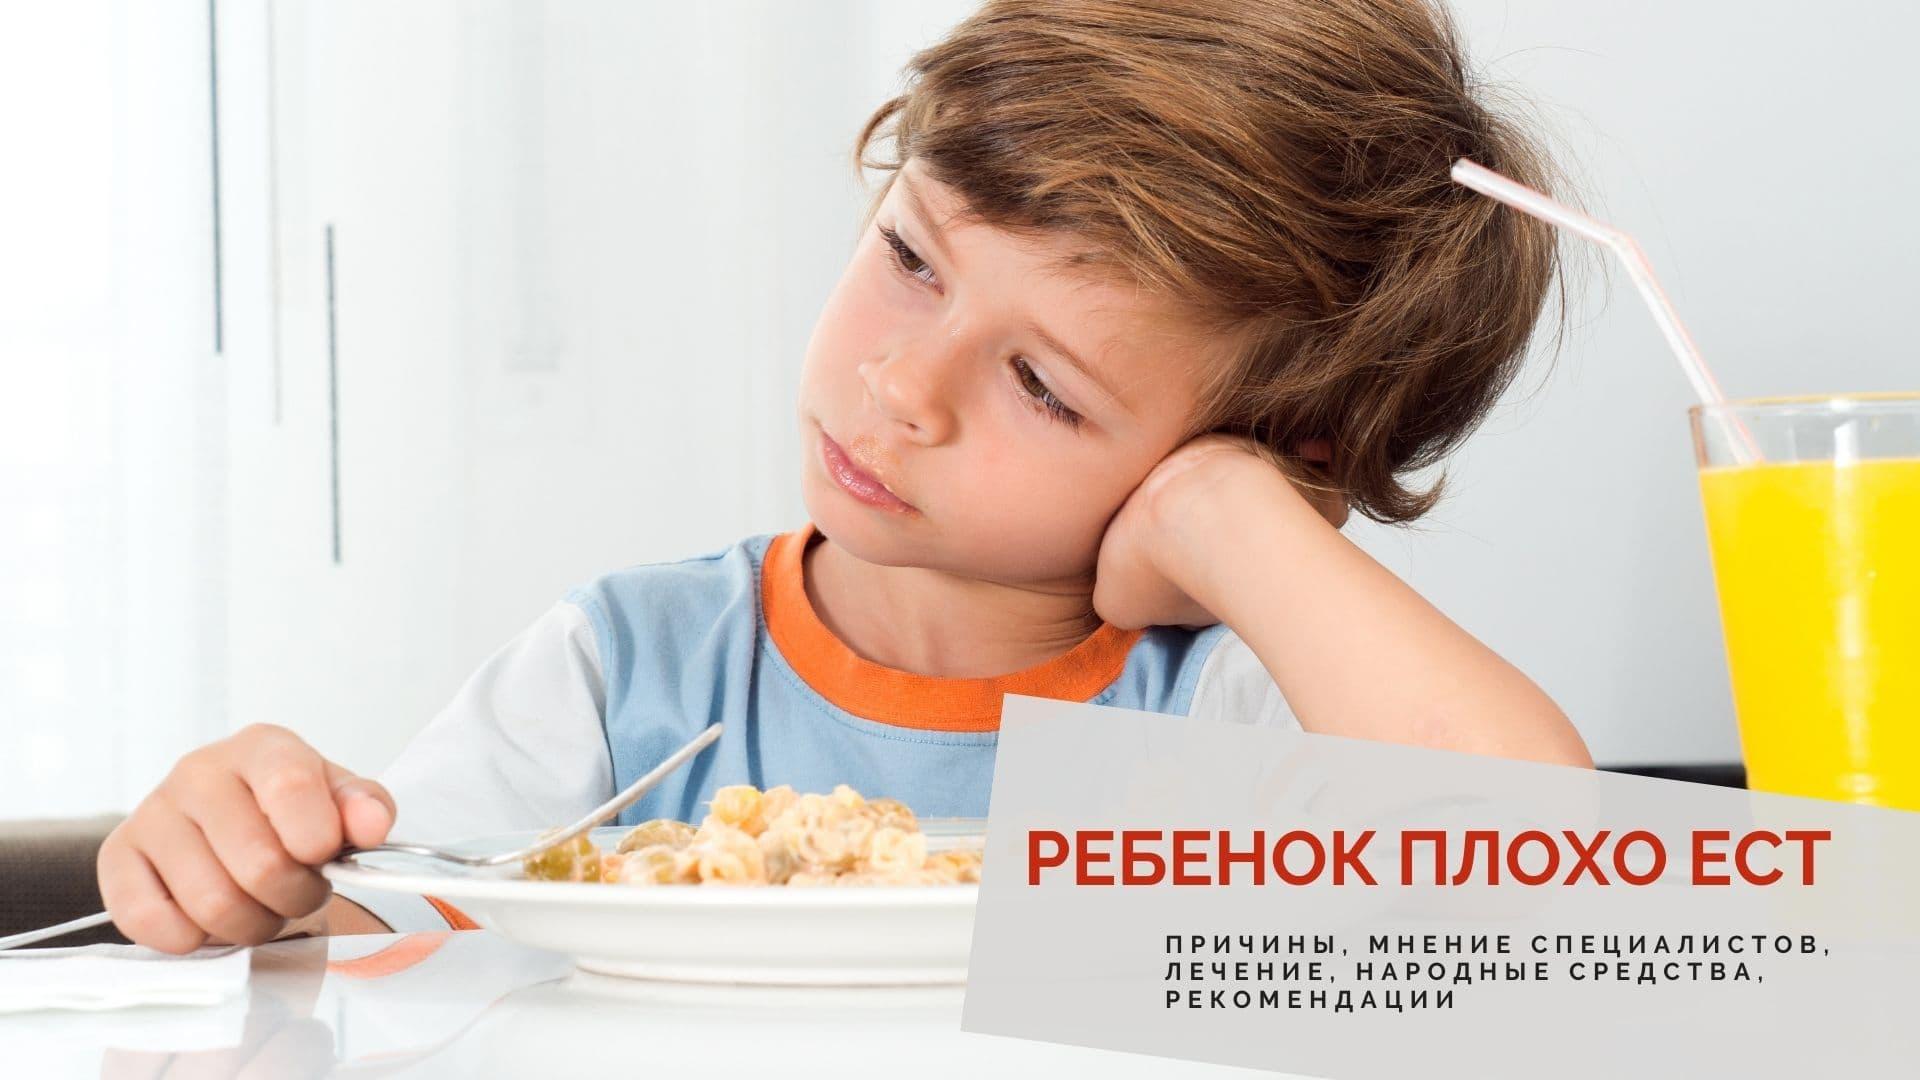 Ребенок плохо ест: причины, мнение специалистов, лечение, народные средства, рекомендации